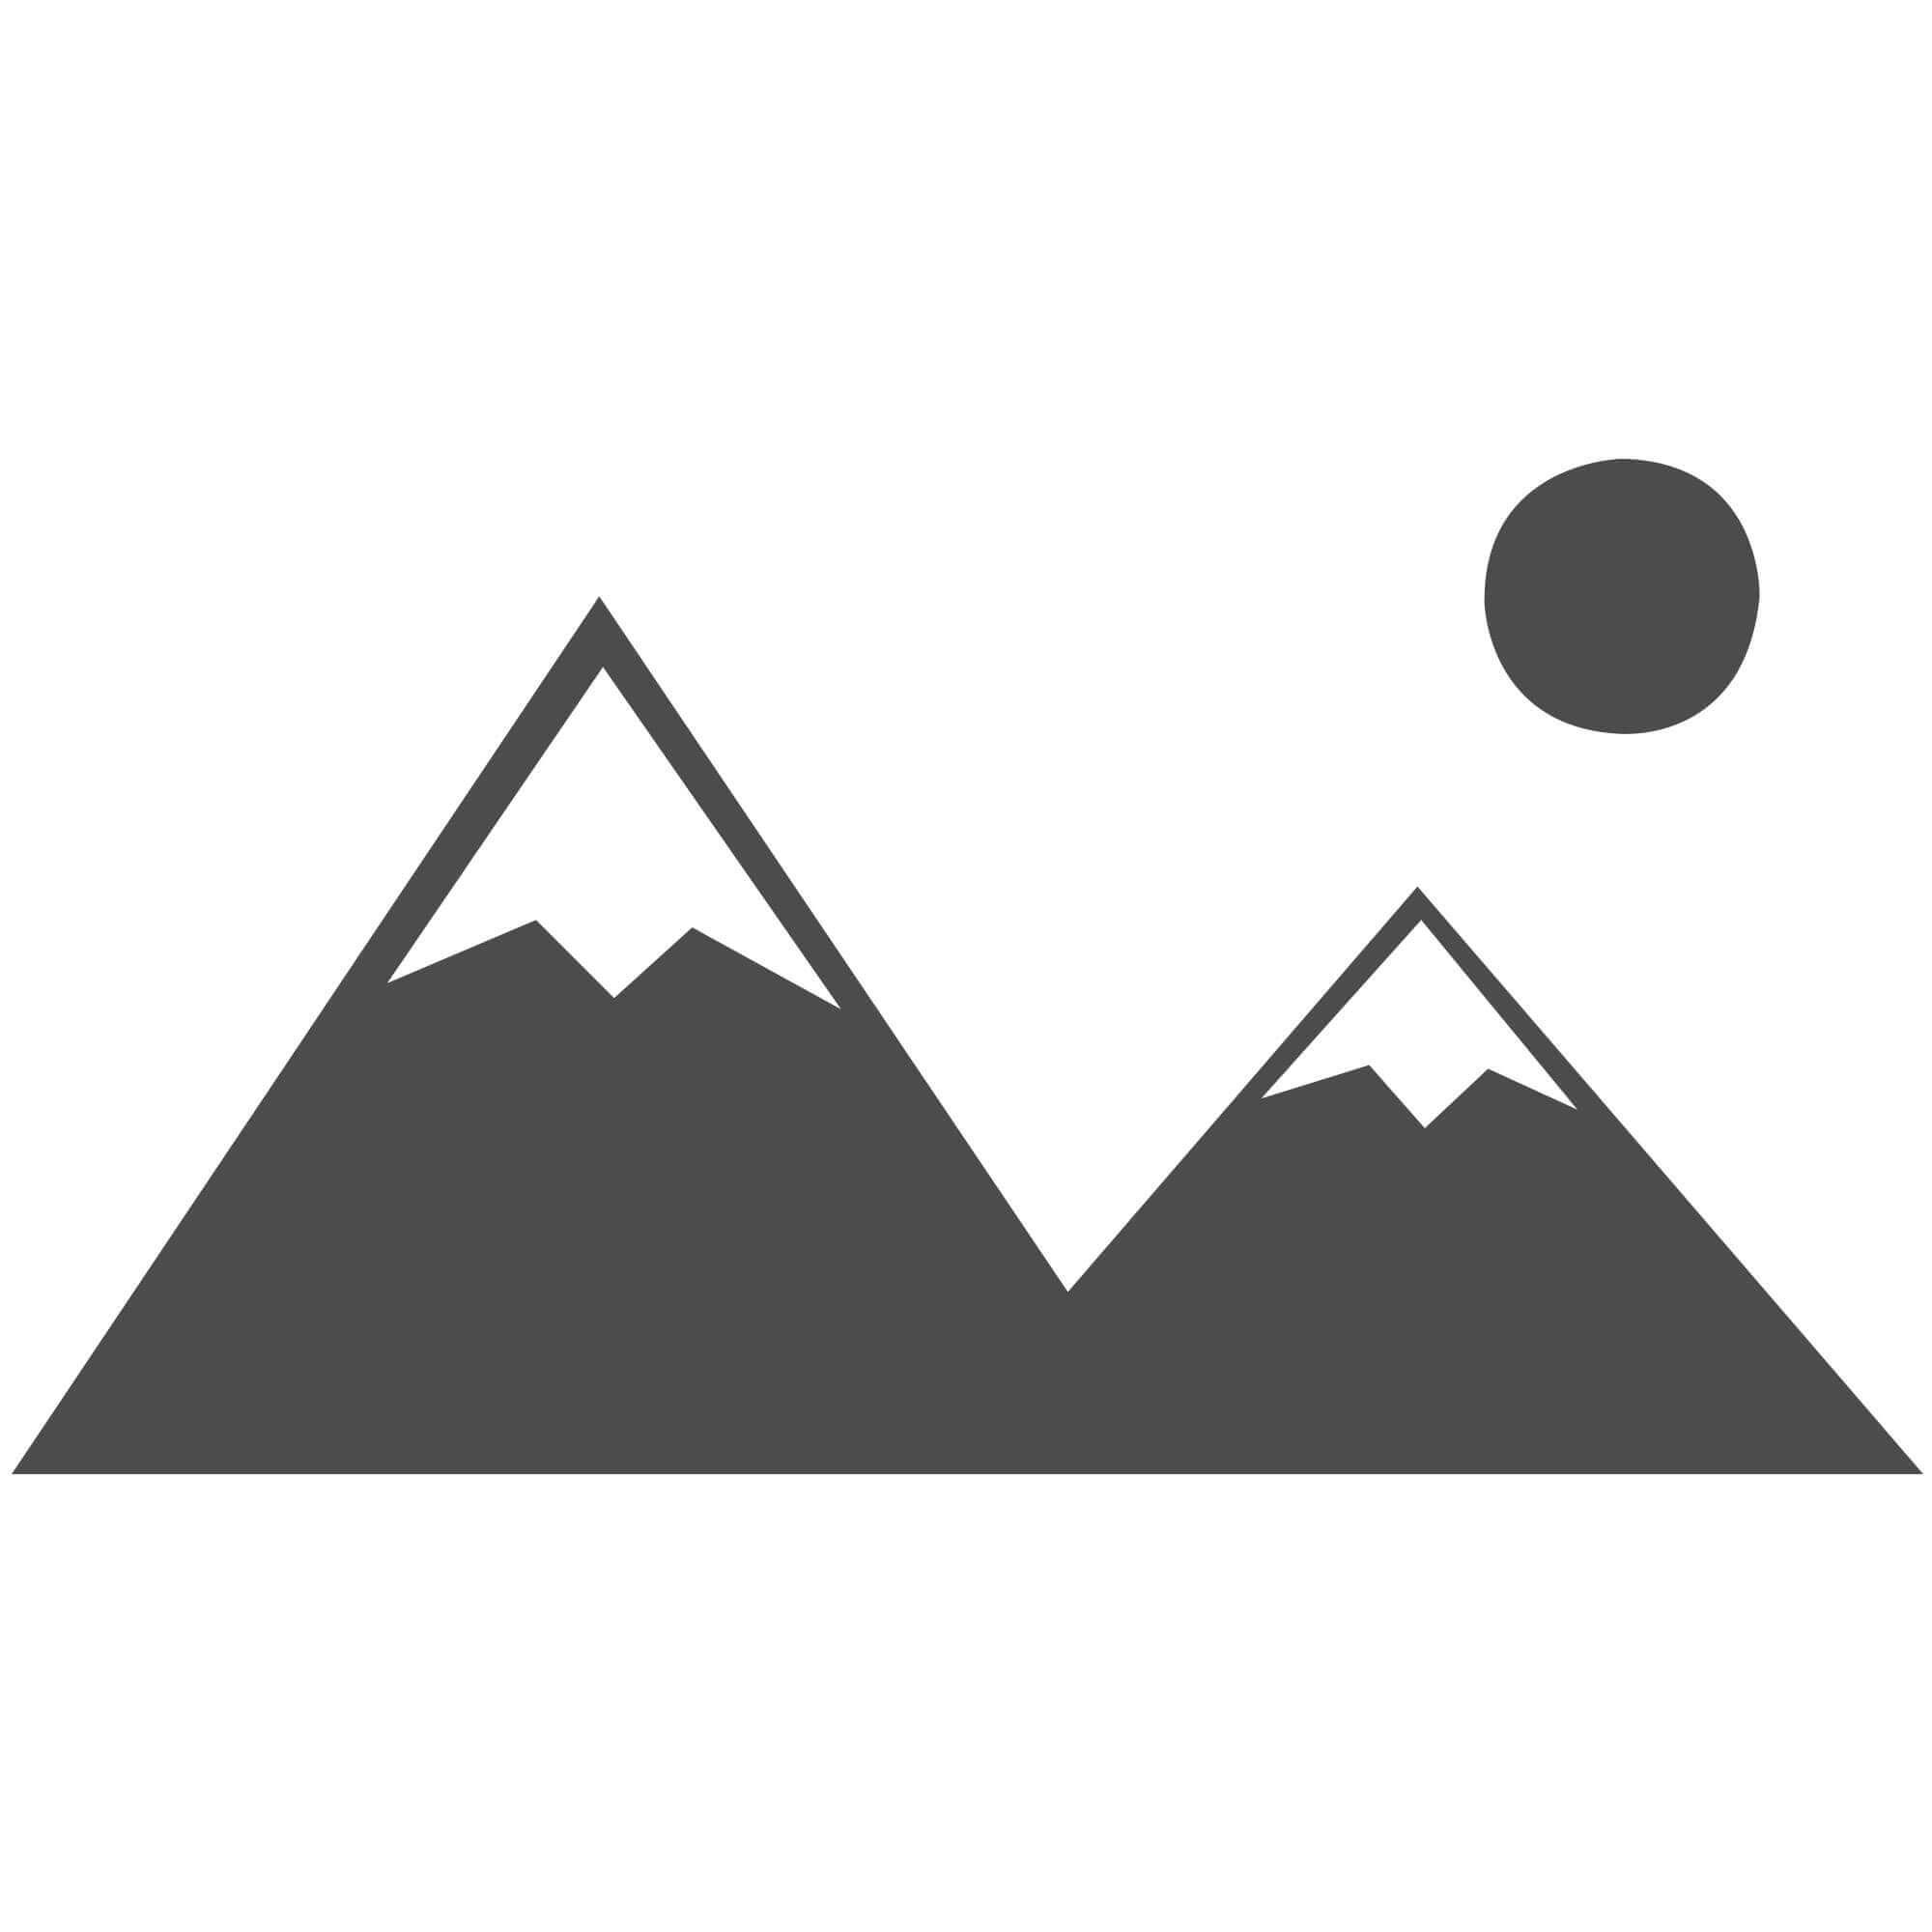 """Amore Luxury Shaggy Rug - Ink Blue-119 x 180 cm (3'11"""" x 6')"""